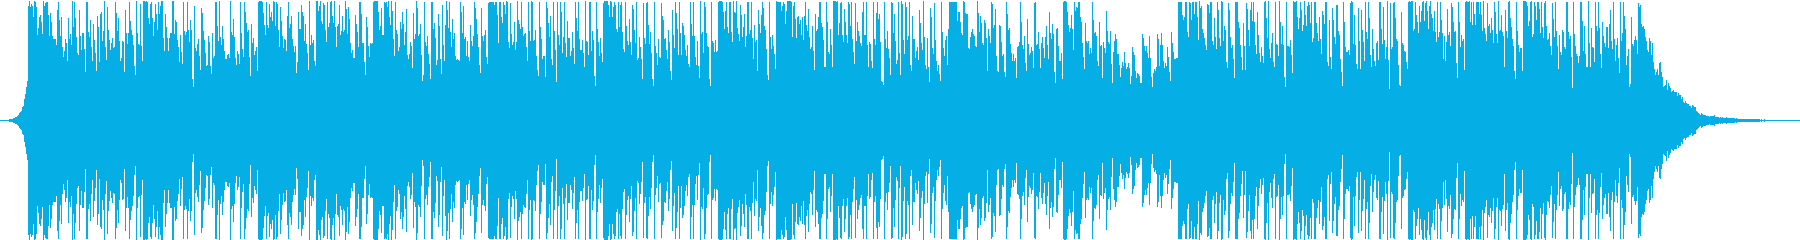 最小限のポップドラムグルーブの再生済みの波形